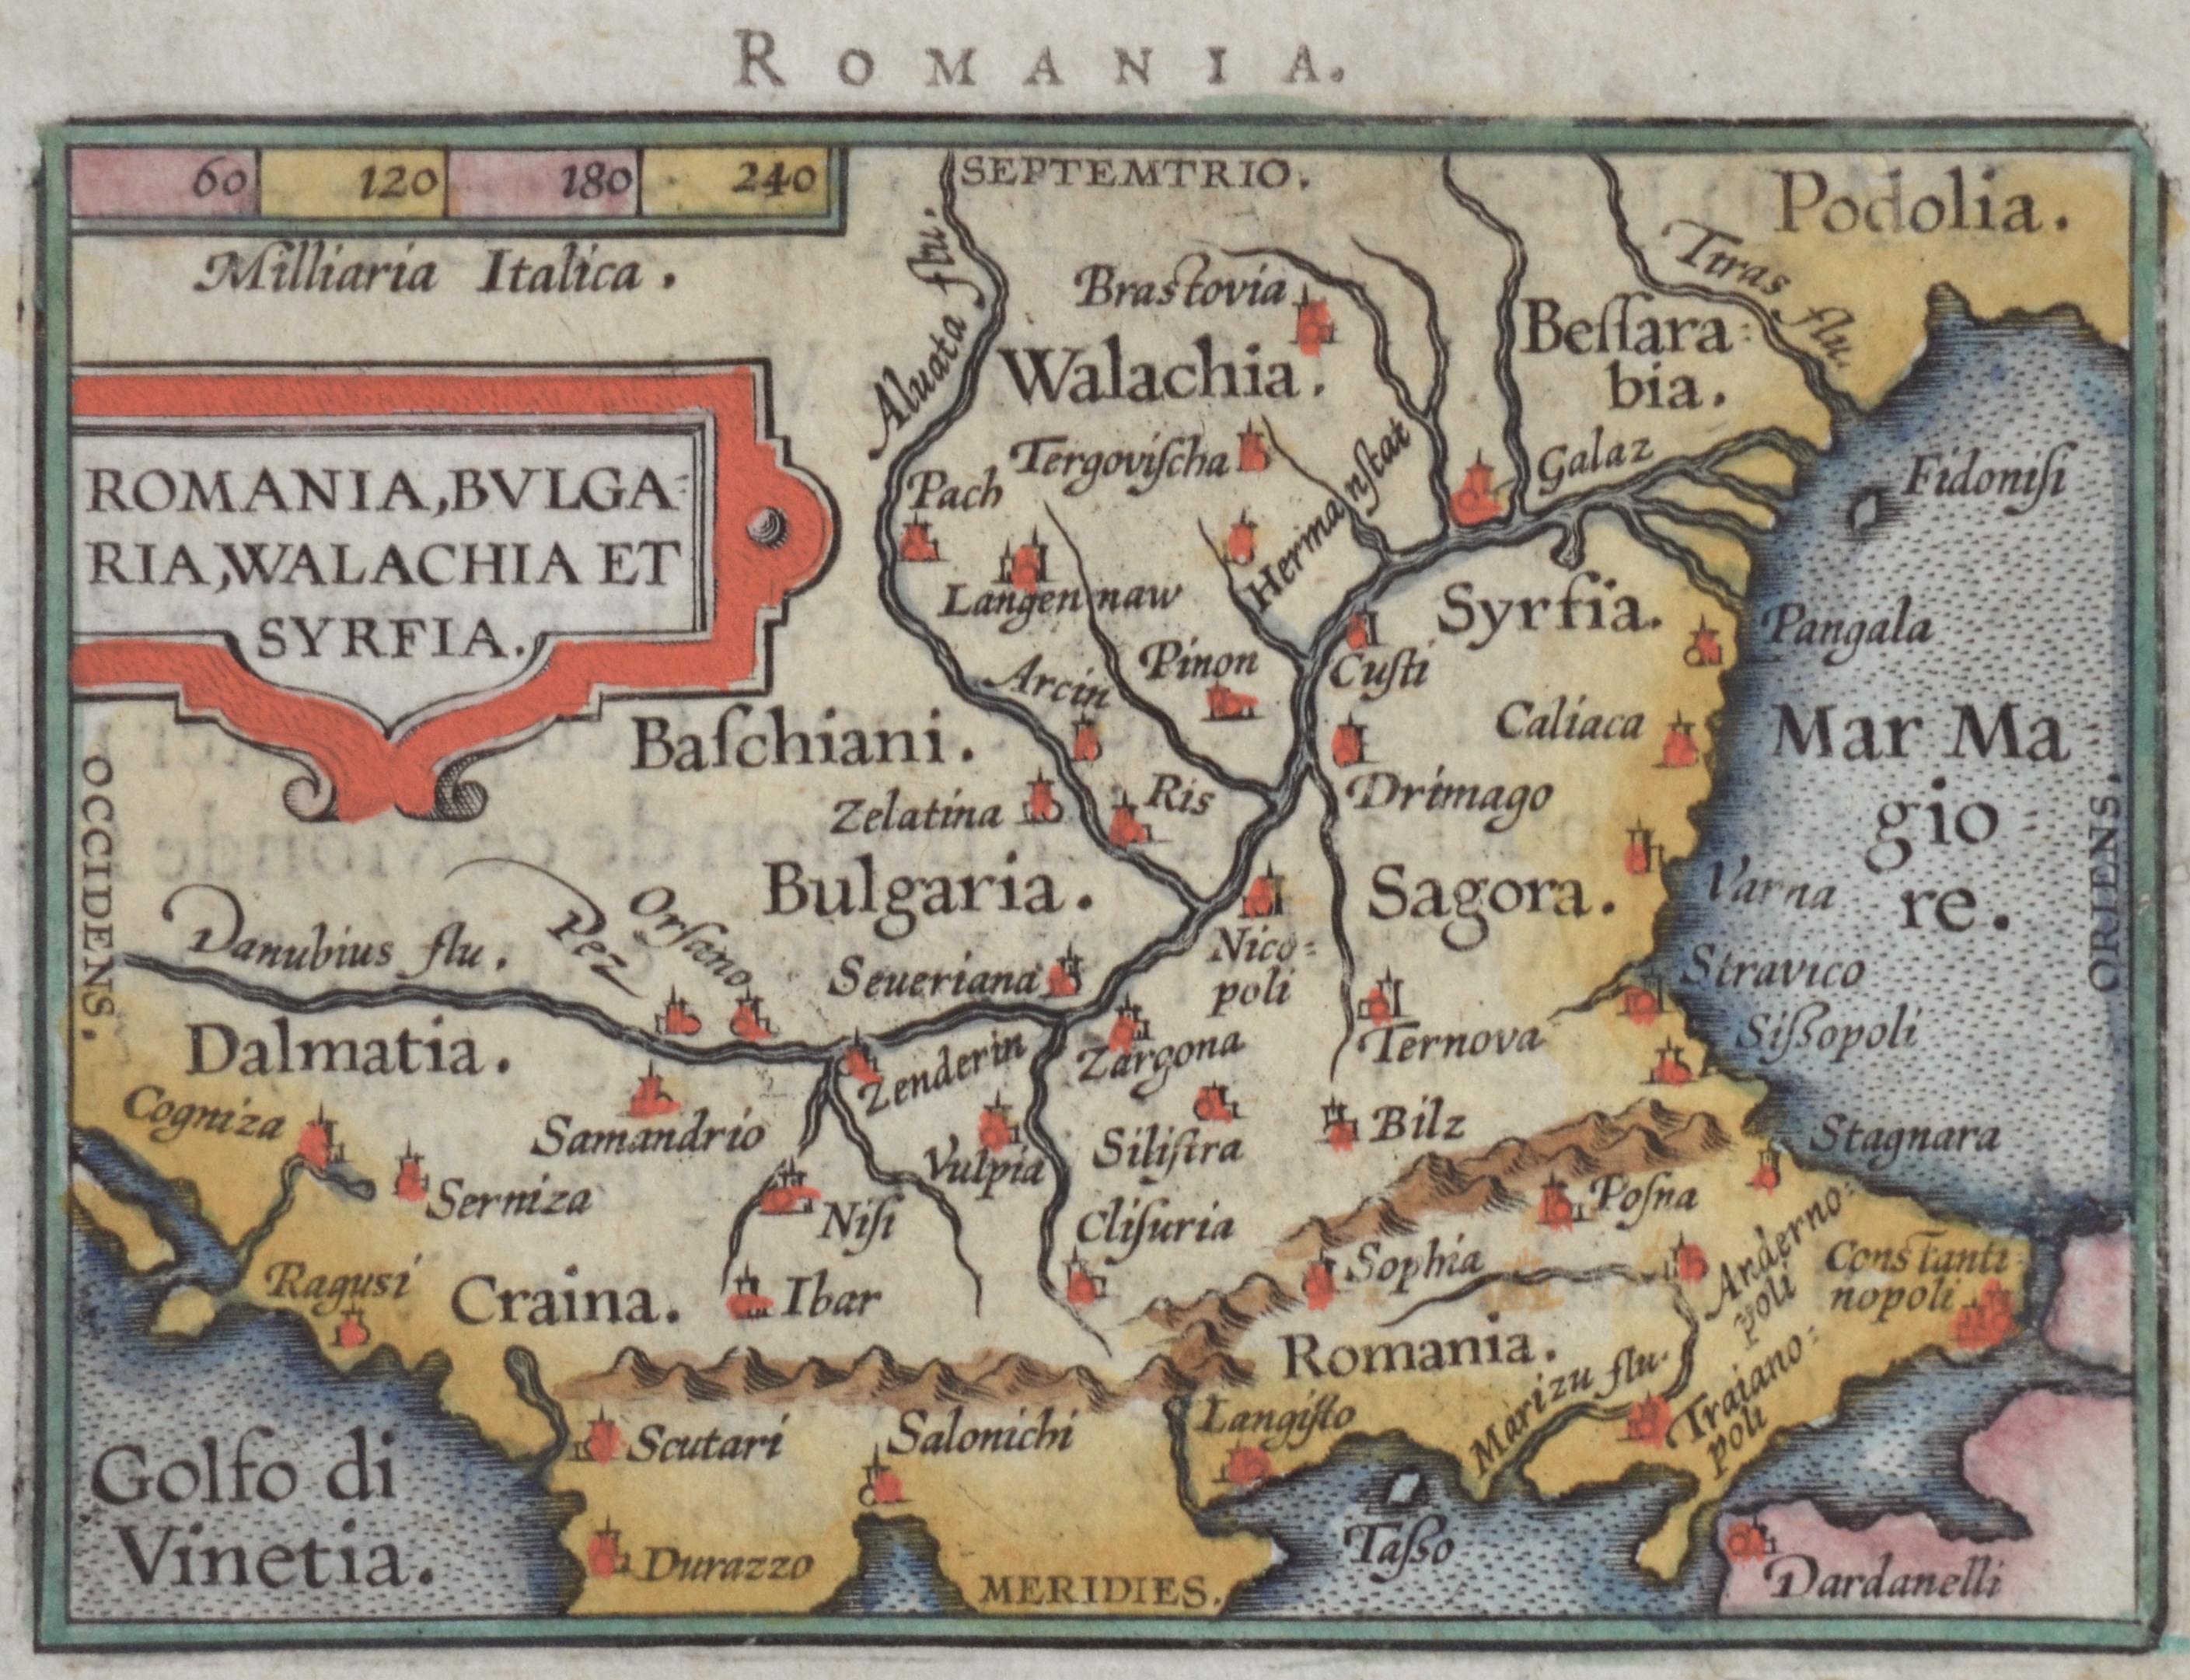 Mercator  Romania, Bulgaria, Walachia et syrfia.